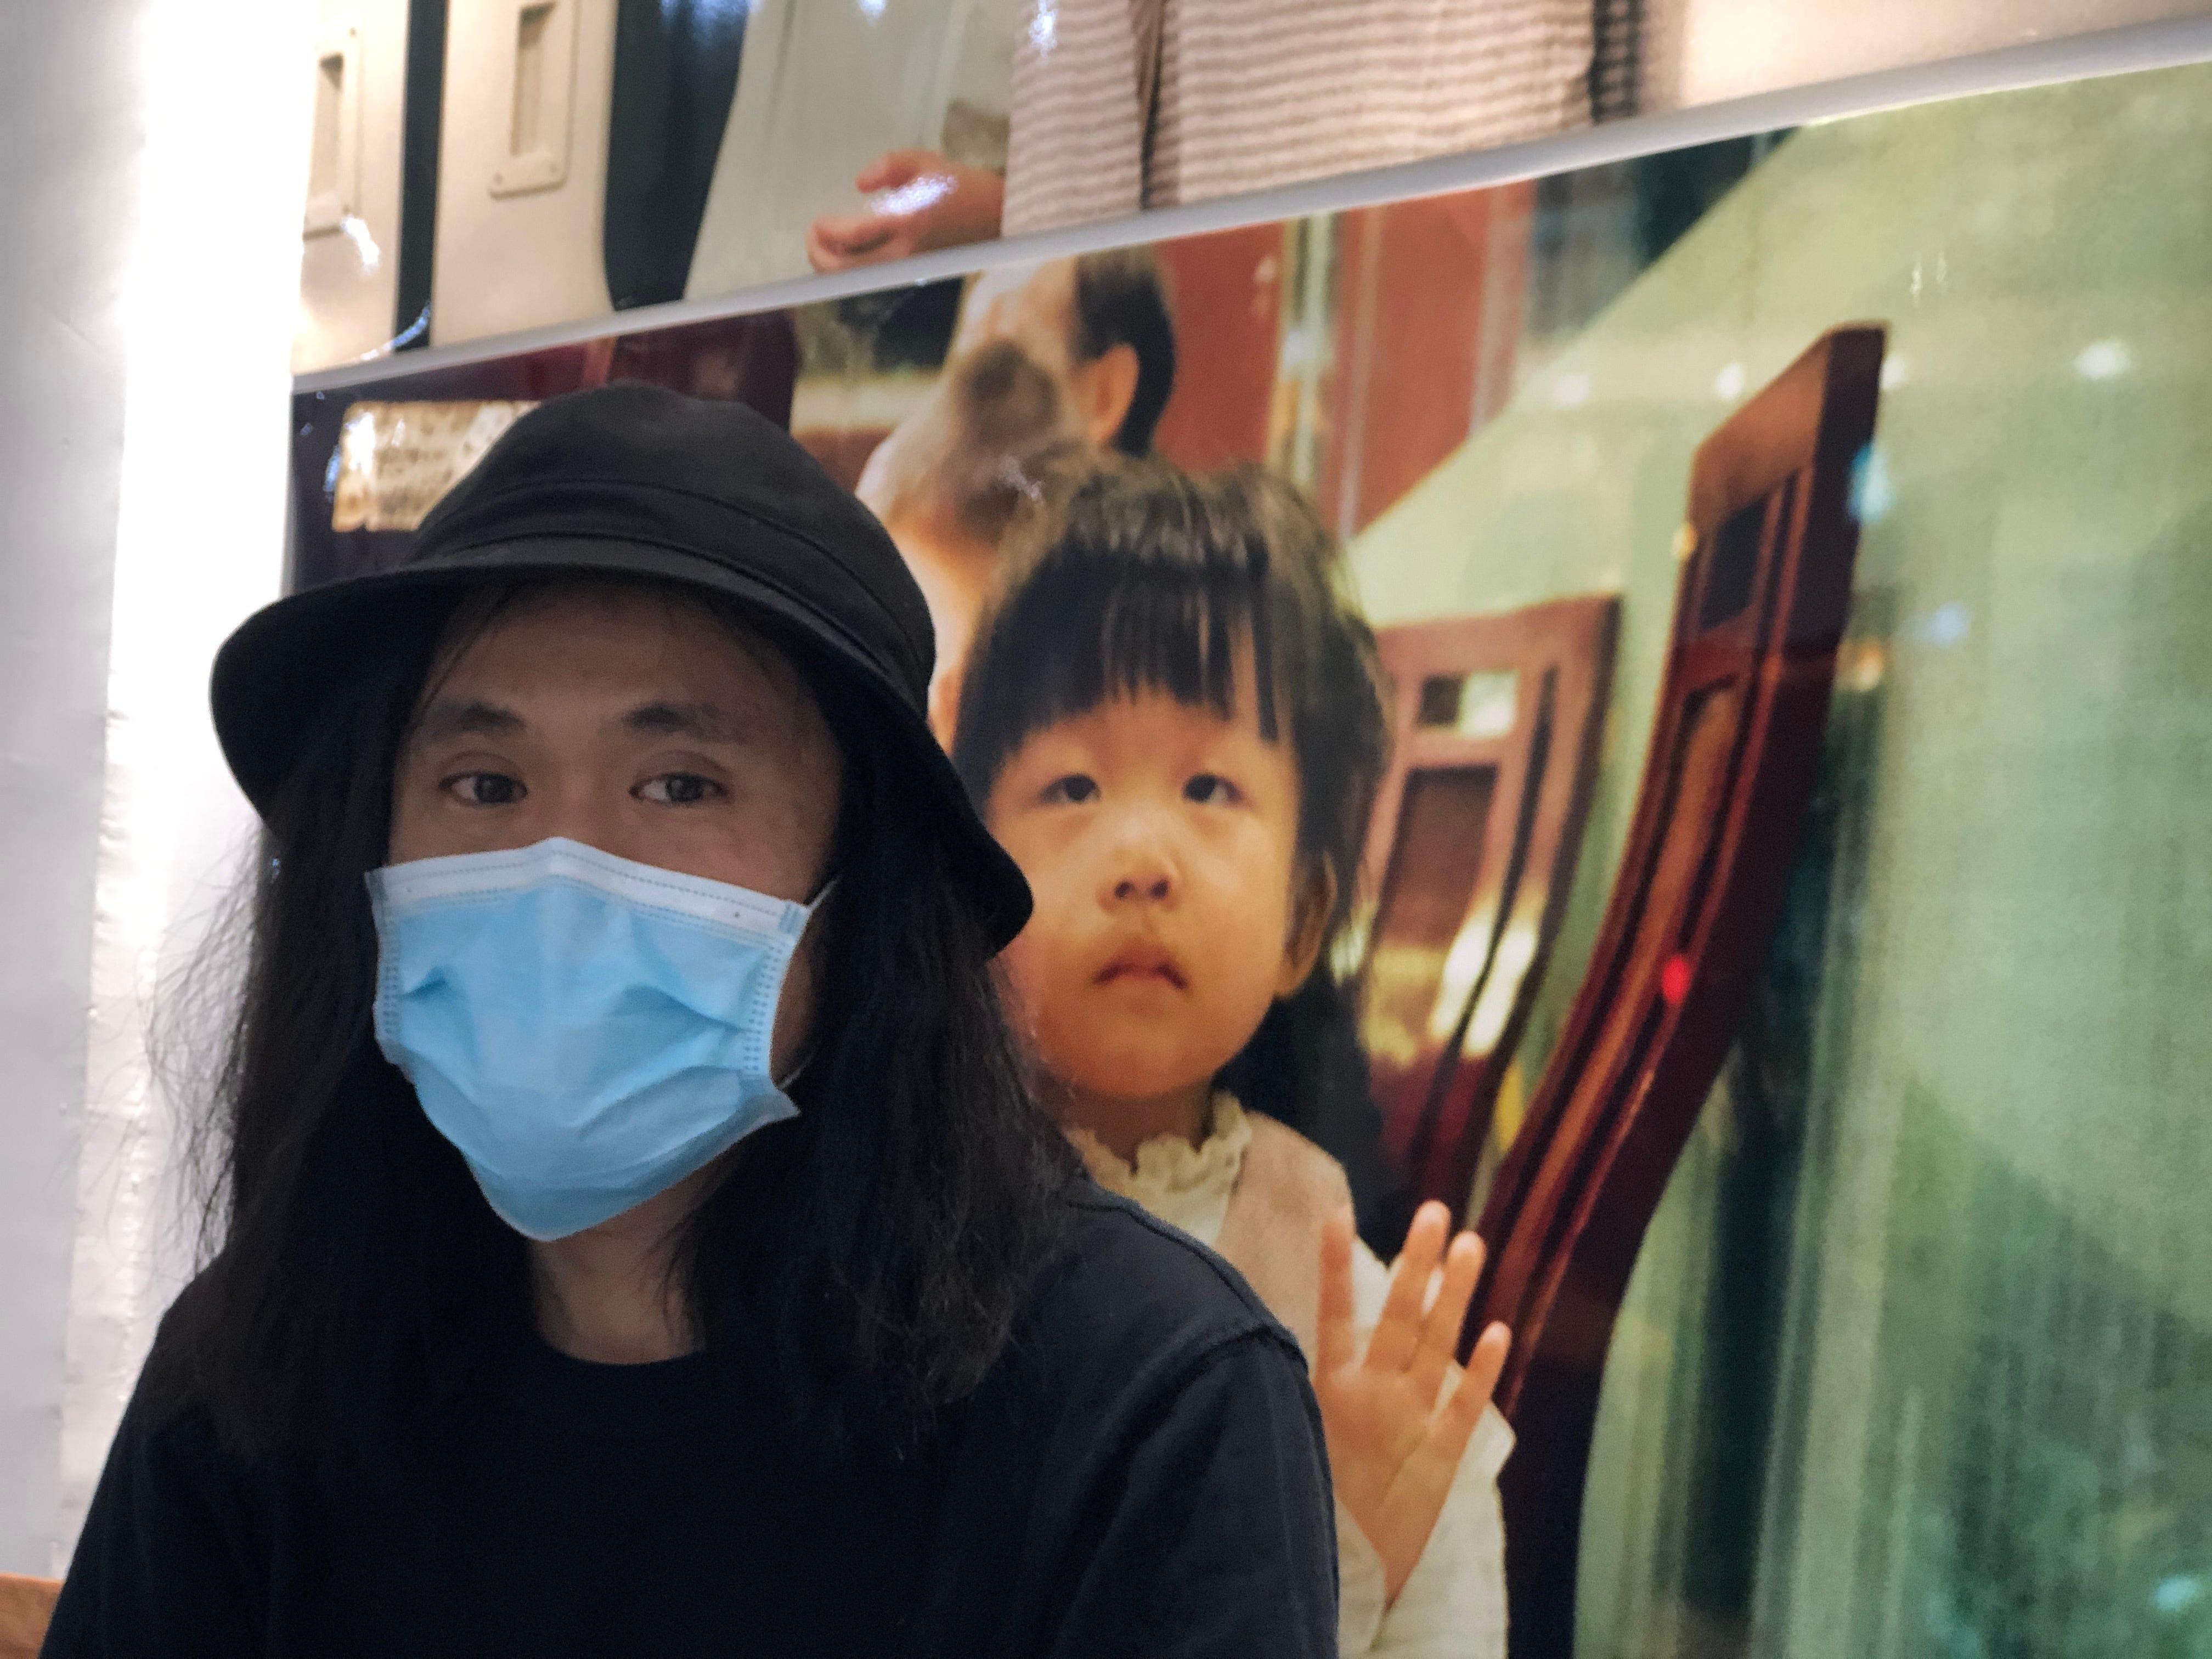 街拍攝影師周生的「不隨意機」 旺角有展. 六本木的Zen Foto Gallery… | by HK.feature | feature.hk | Medium